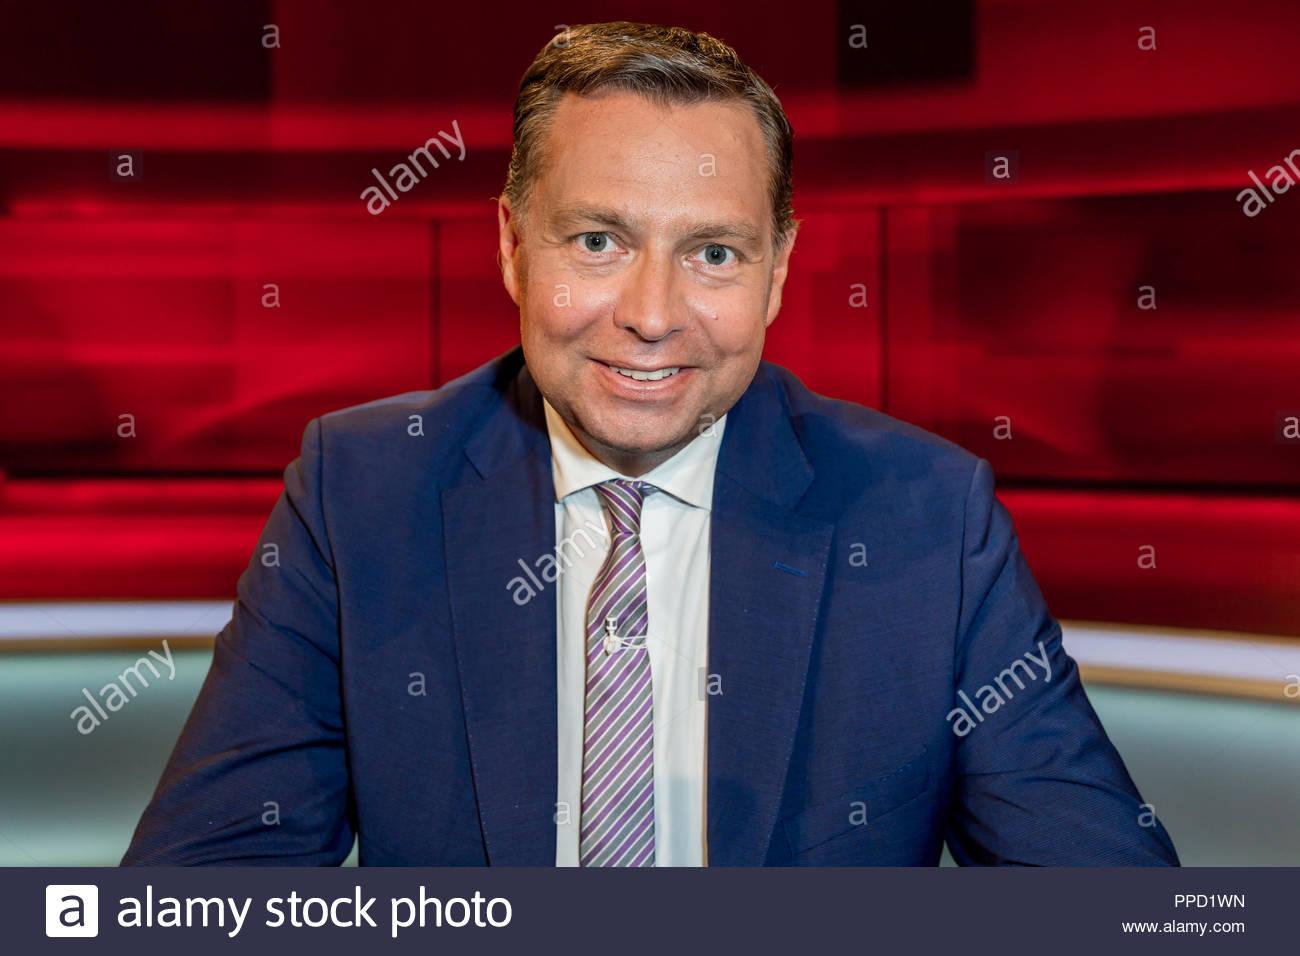 Stephan Mayer CSU, parlamentarischer Staatssekretär im Bundesinnenministerium sowie Mitglied im Fraktionsvorstand im Fernsehstudio bei Hart aber fair. Stockbild